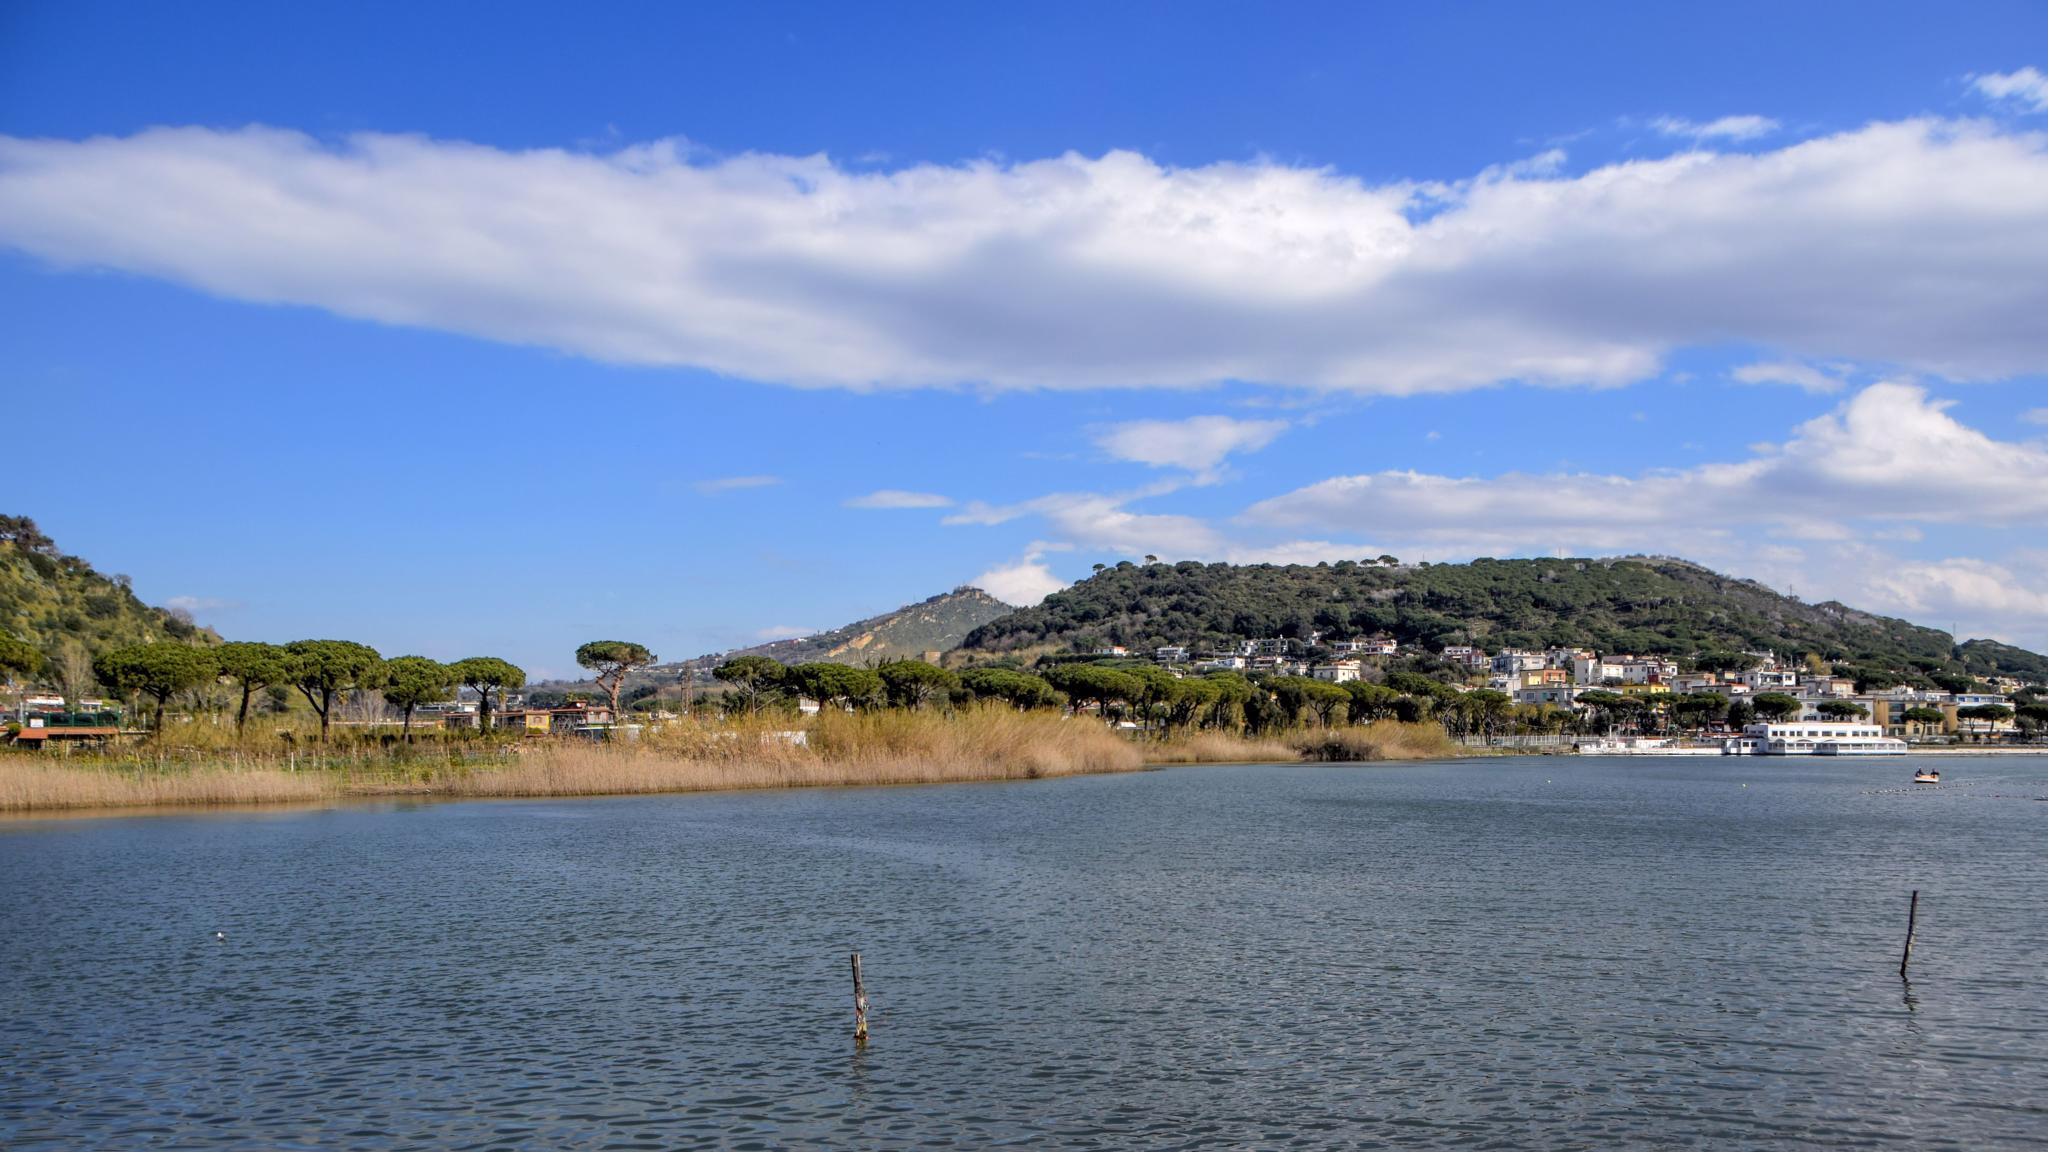 Lago di Lucrino by Bruna R.